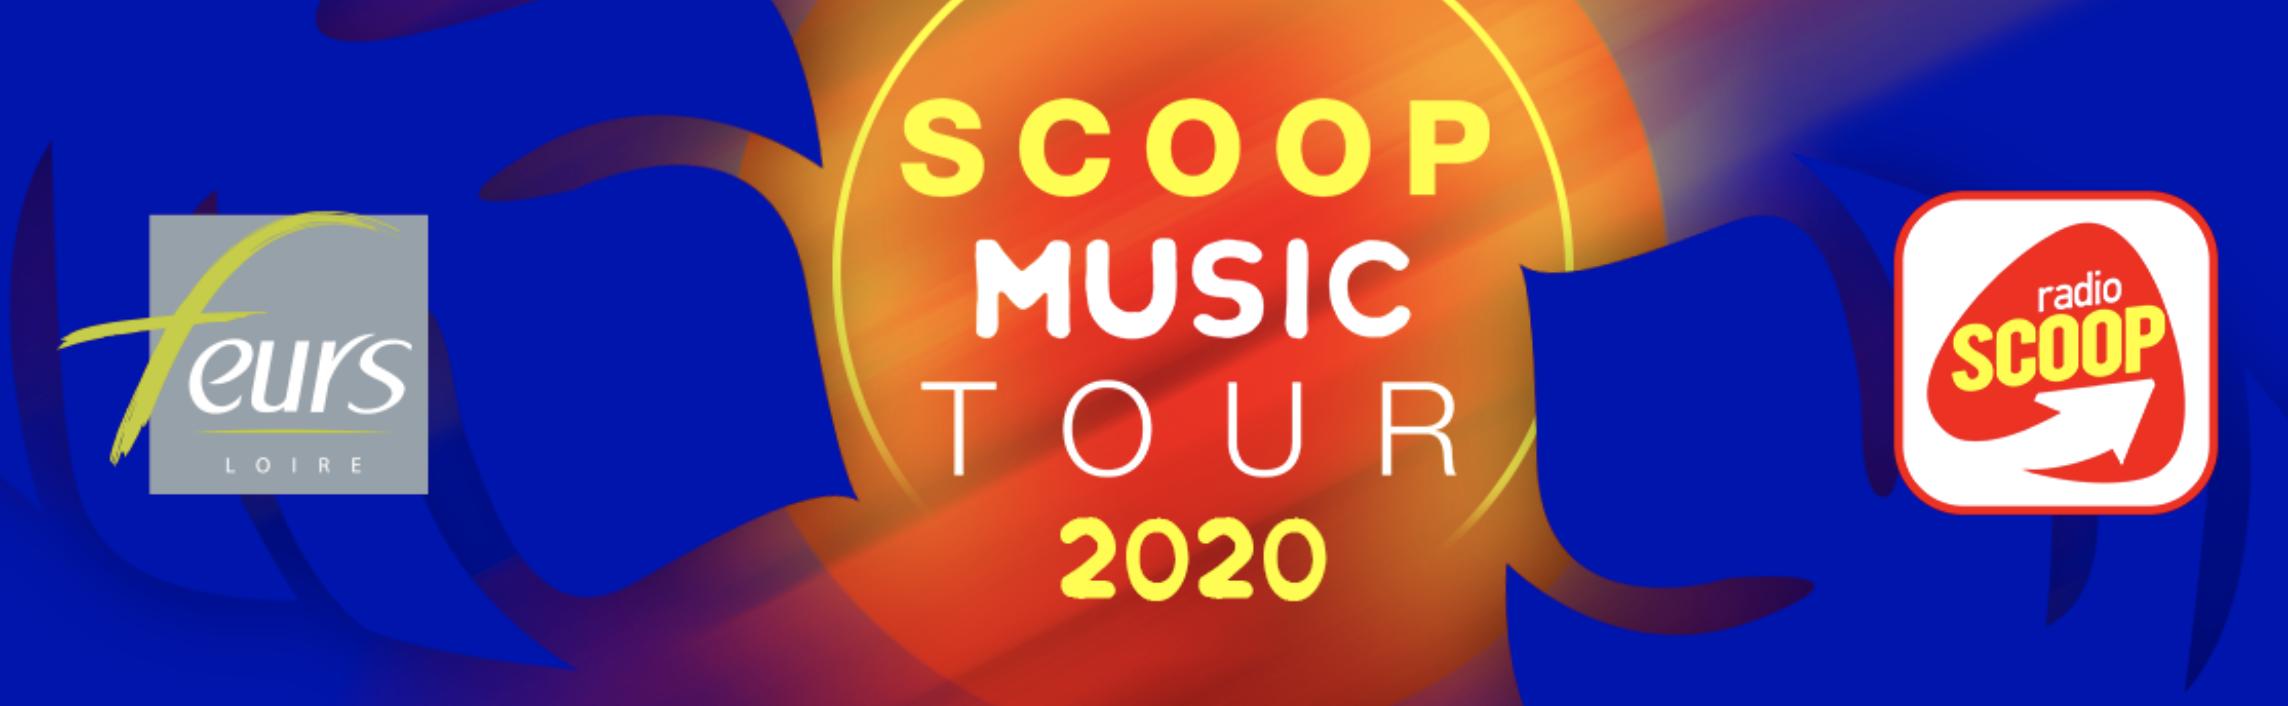 Covid-19 : Radio Scoop annule son Scoop Music Tour